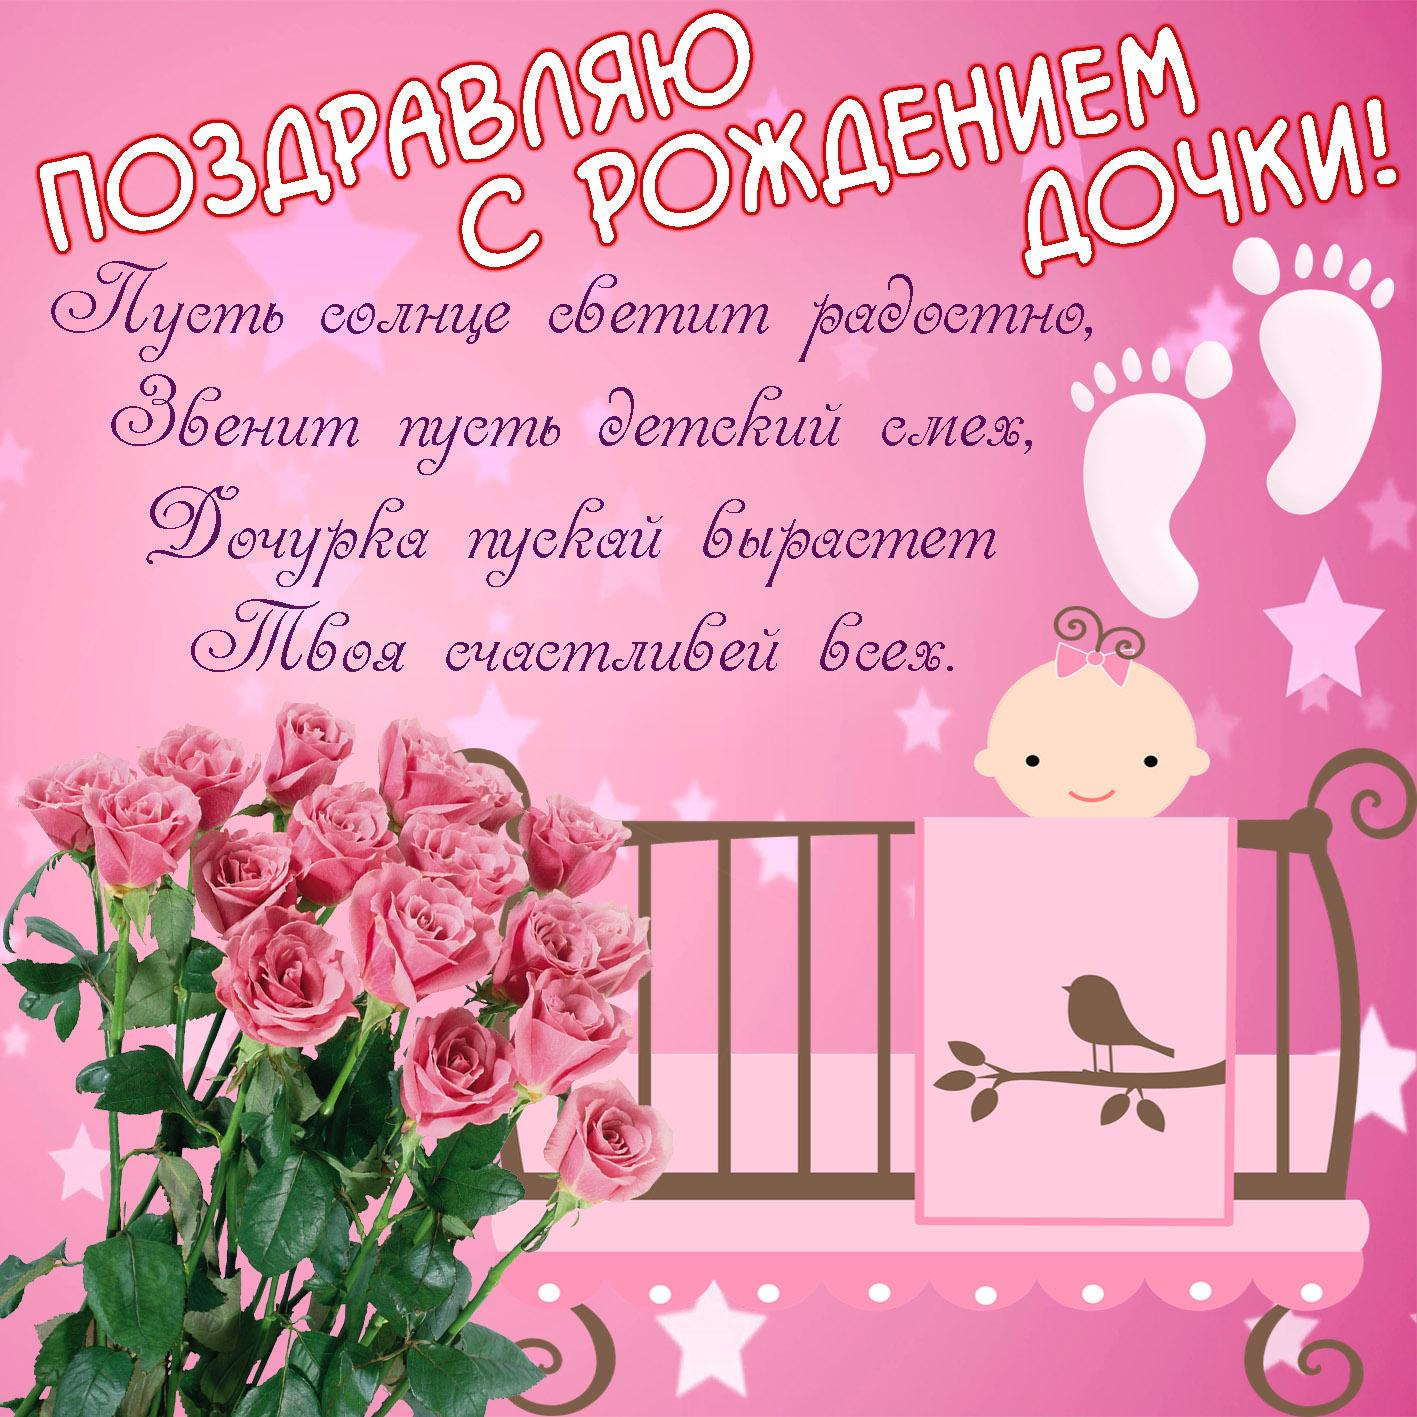 Поздравление с рождением дочери взрослой маме открытки